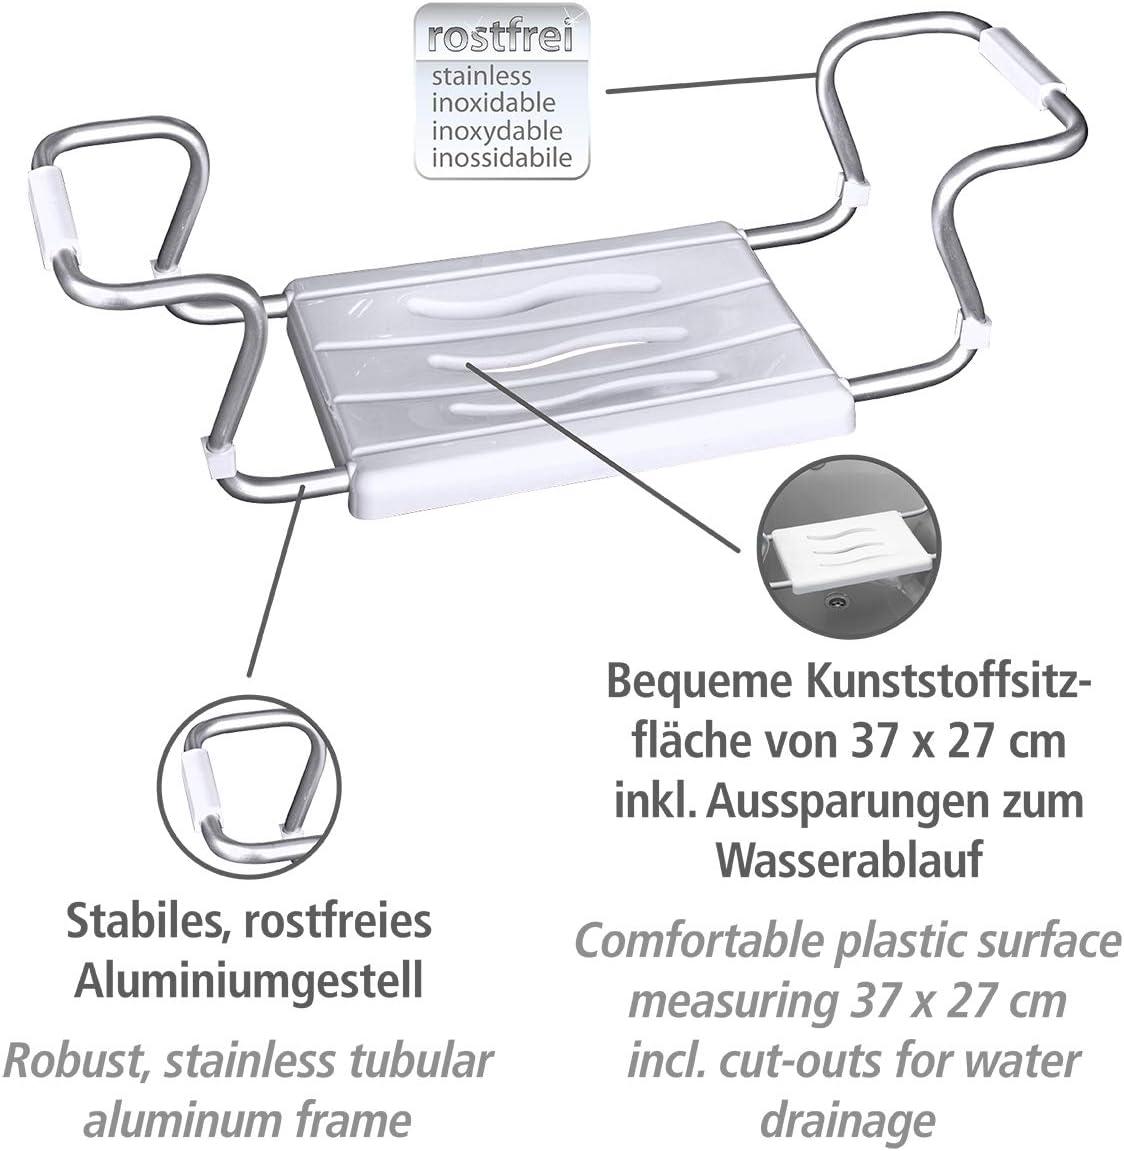 Vektenxi Babywanne Kreuzst/ütze Verstellbarer Badewannensitz St/ütznetz rutschfest Komfortable Babywanne St/ützschlinge H/ängemattennetz Rosa Neu Freigegeben